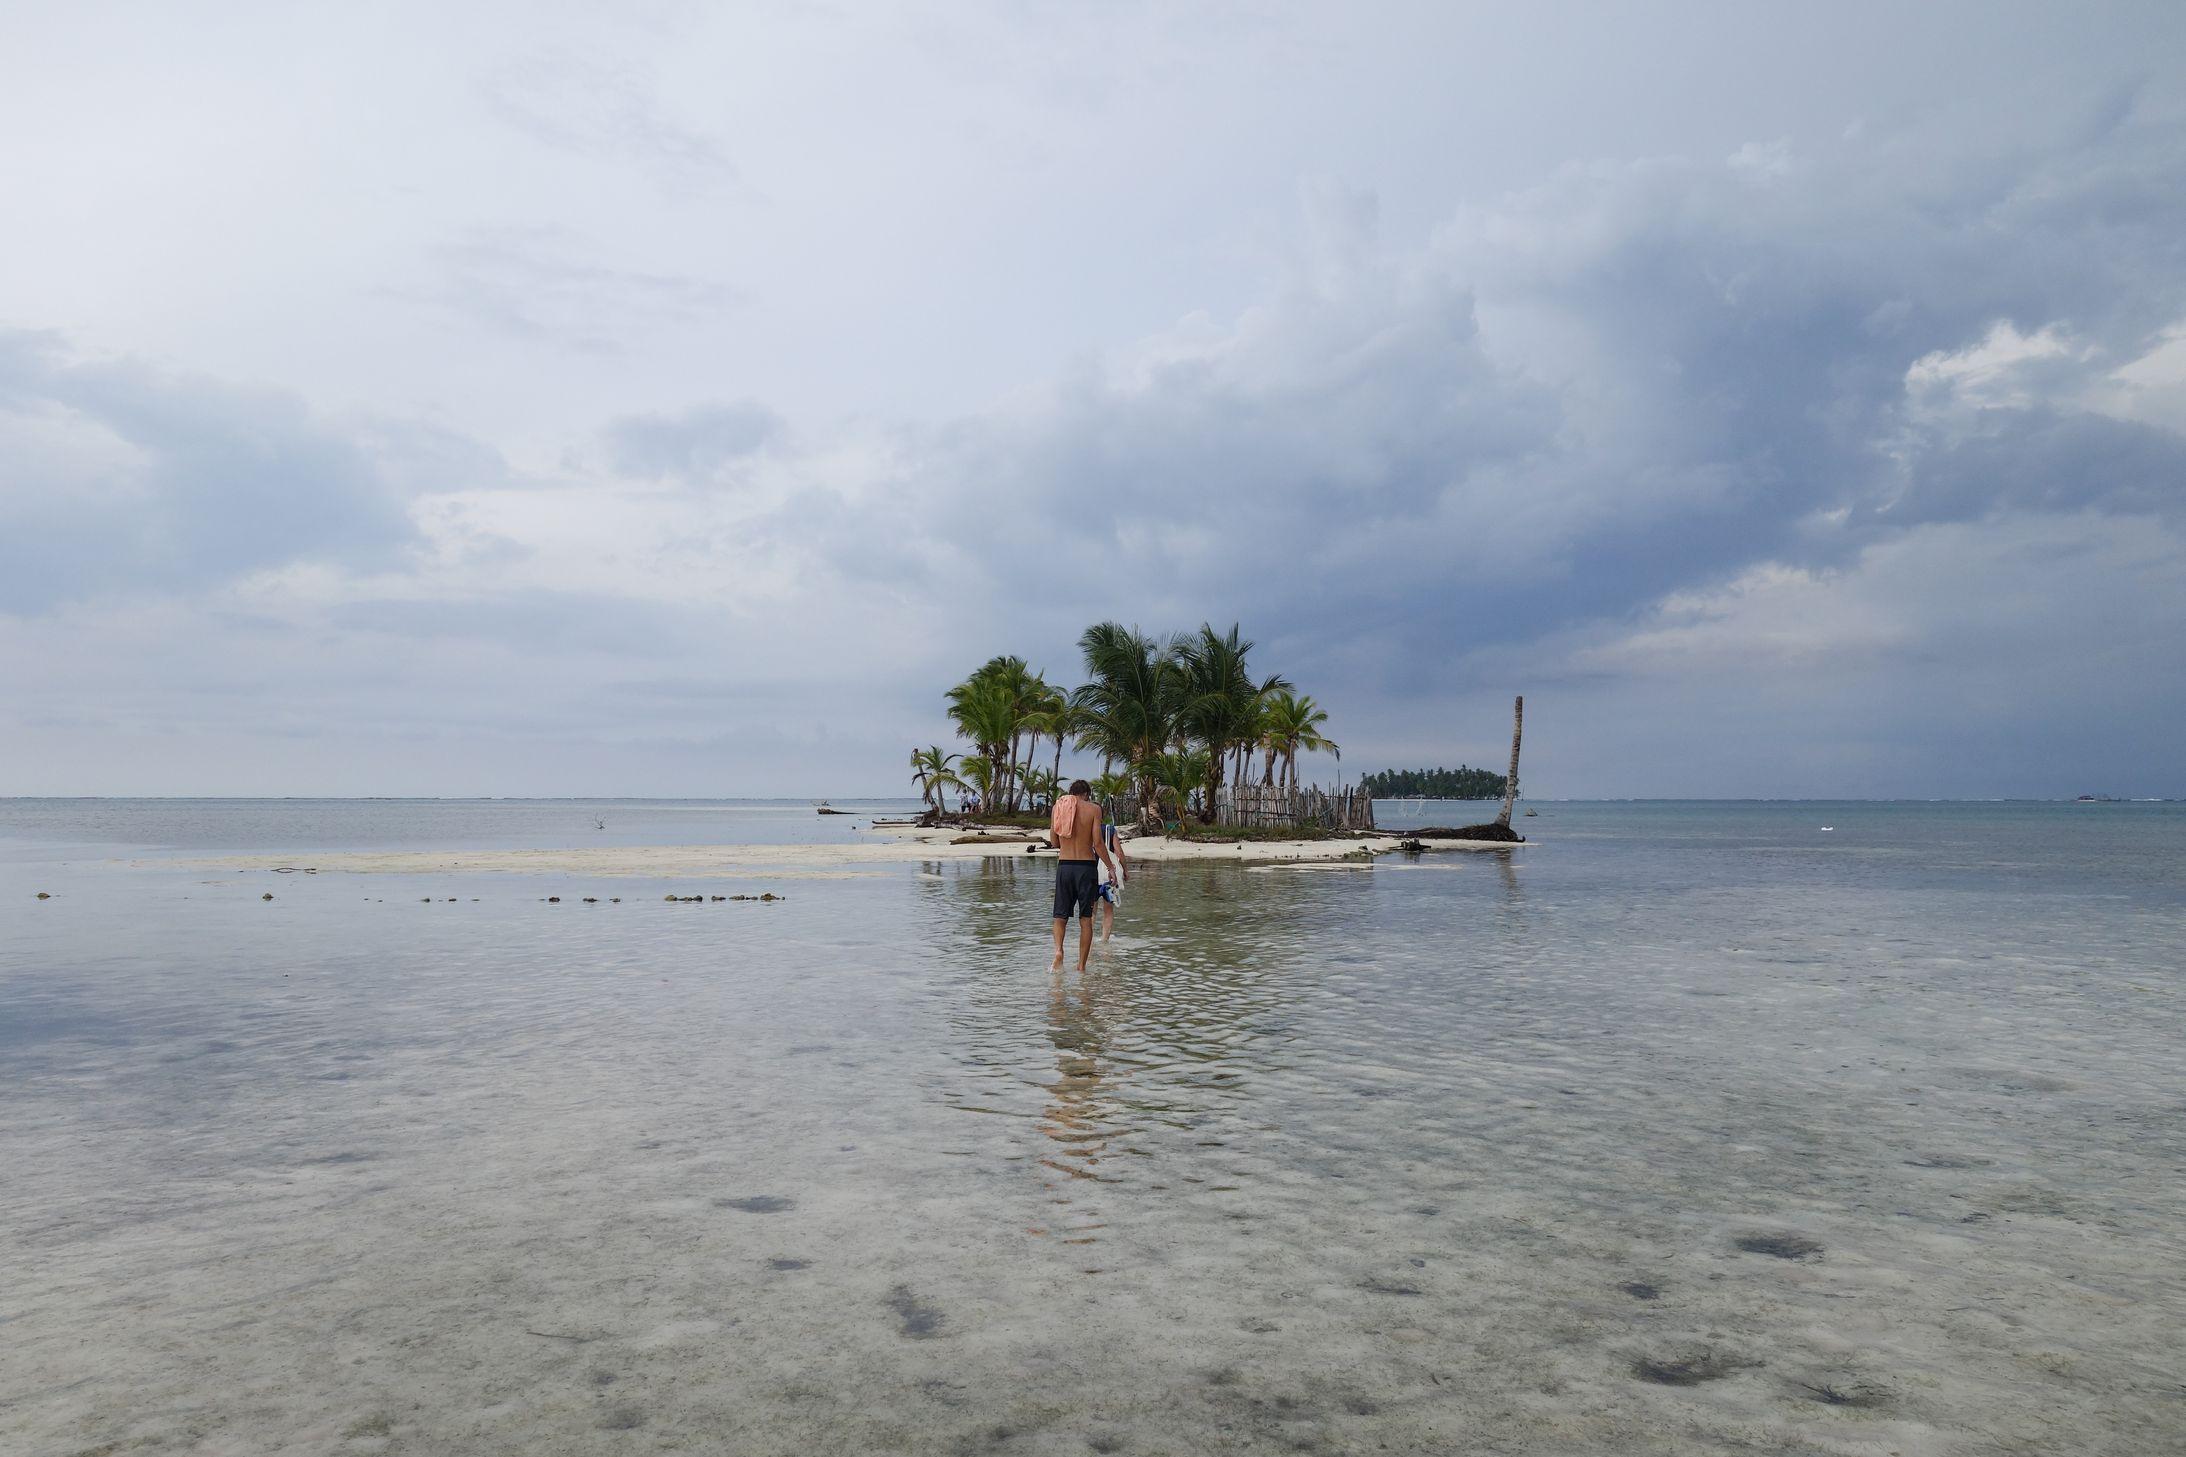 San blas île deserte